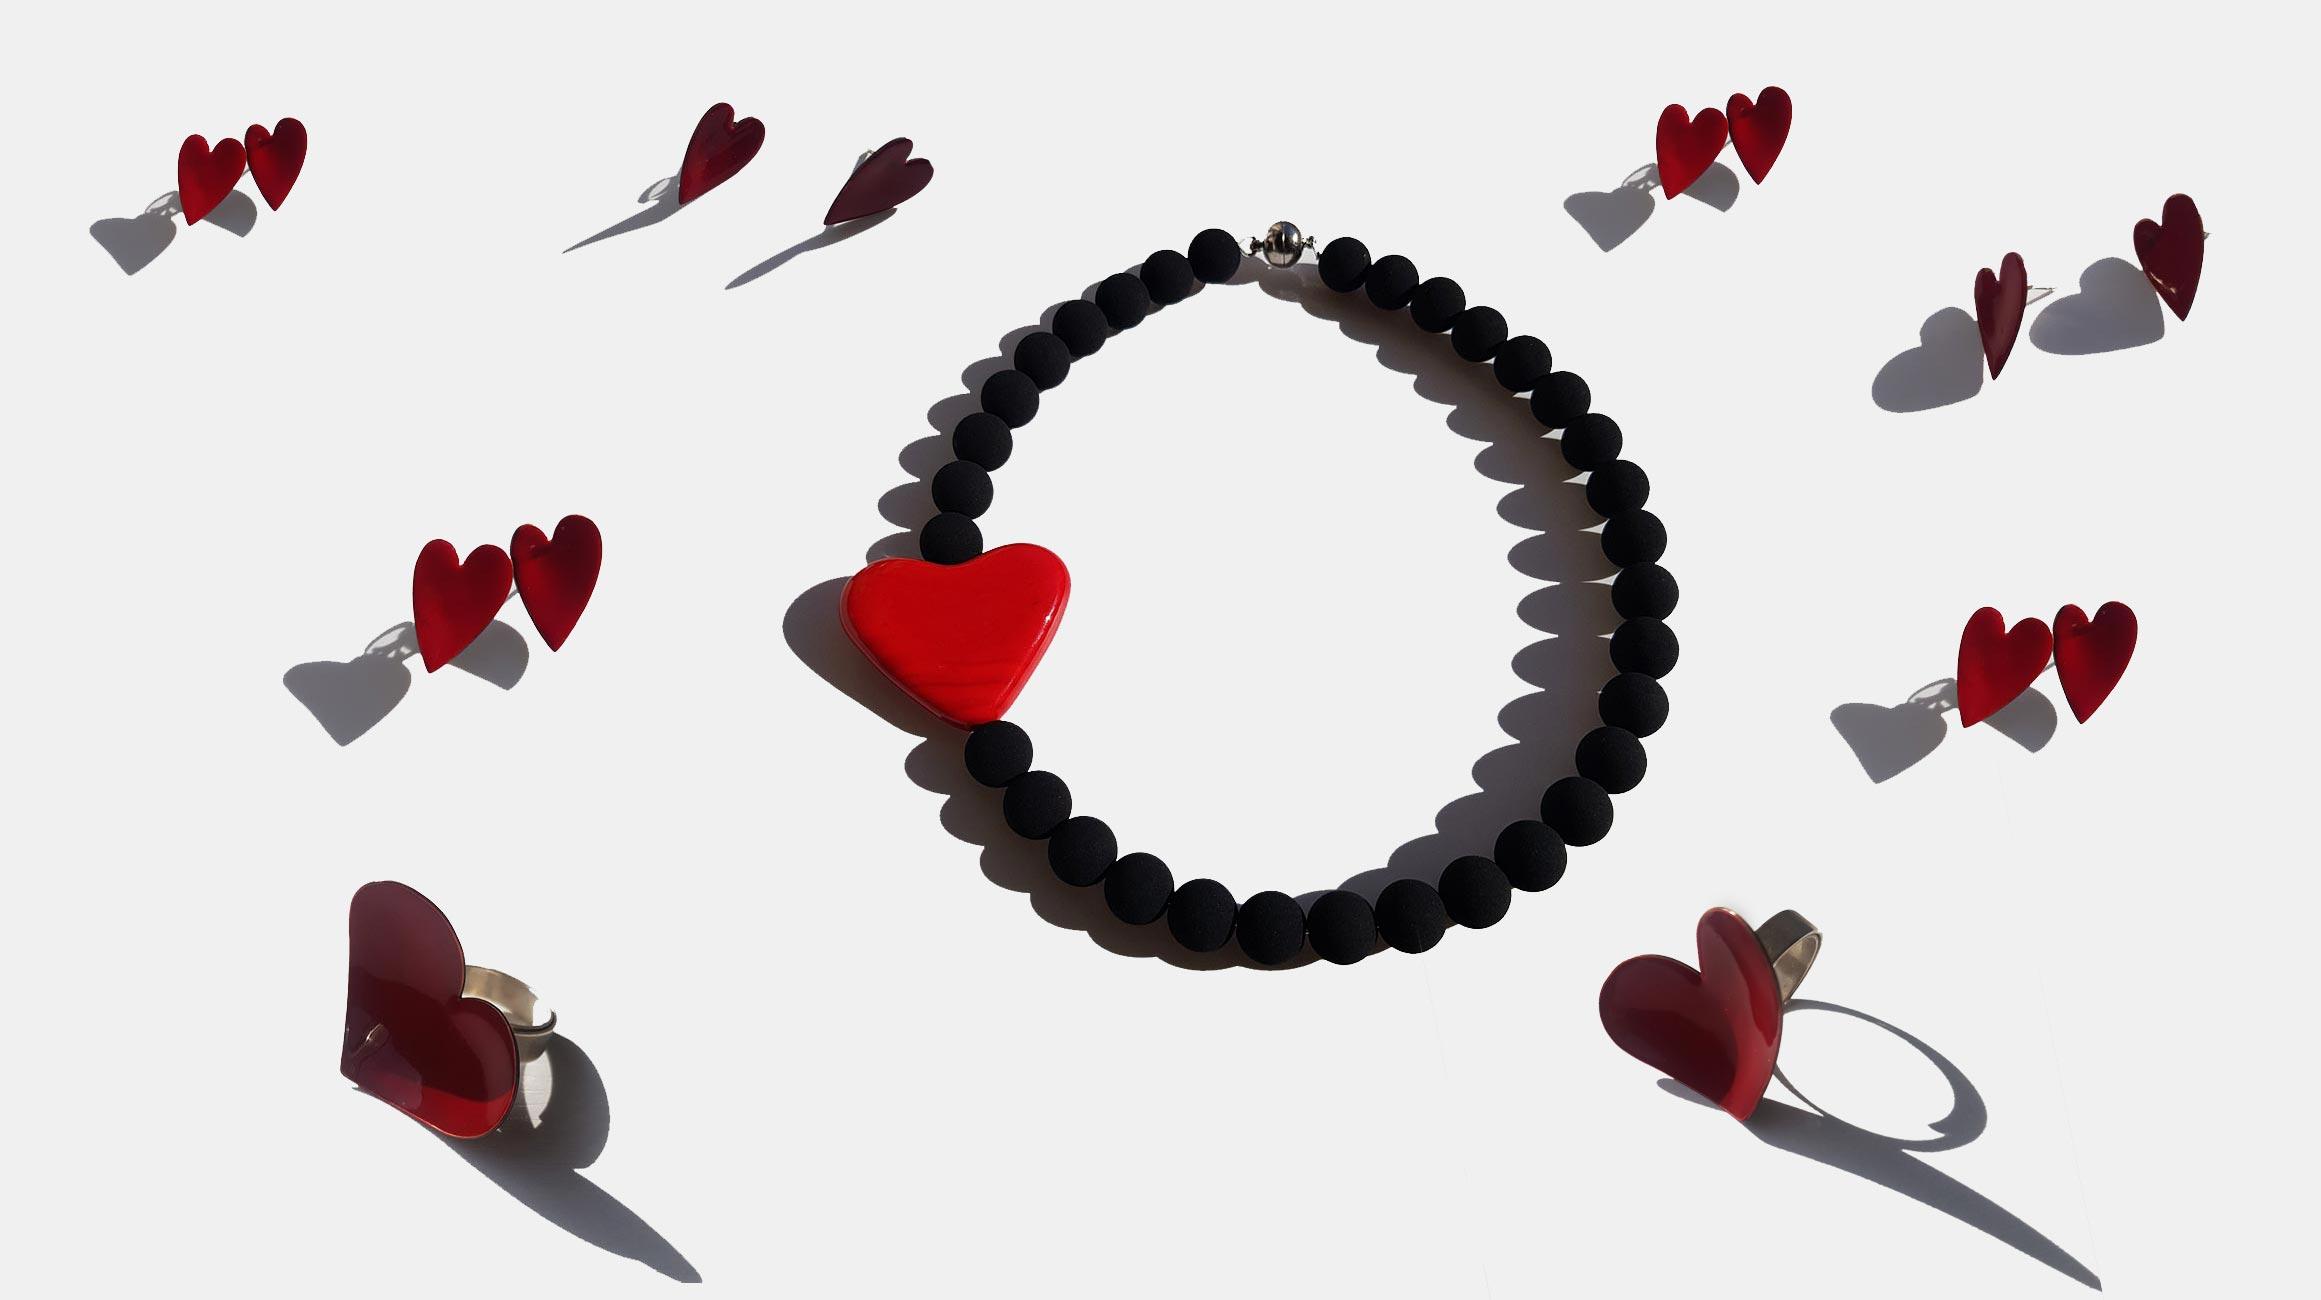 Collartz Accesorios San Valentin Corazon 1